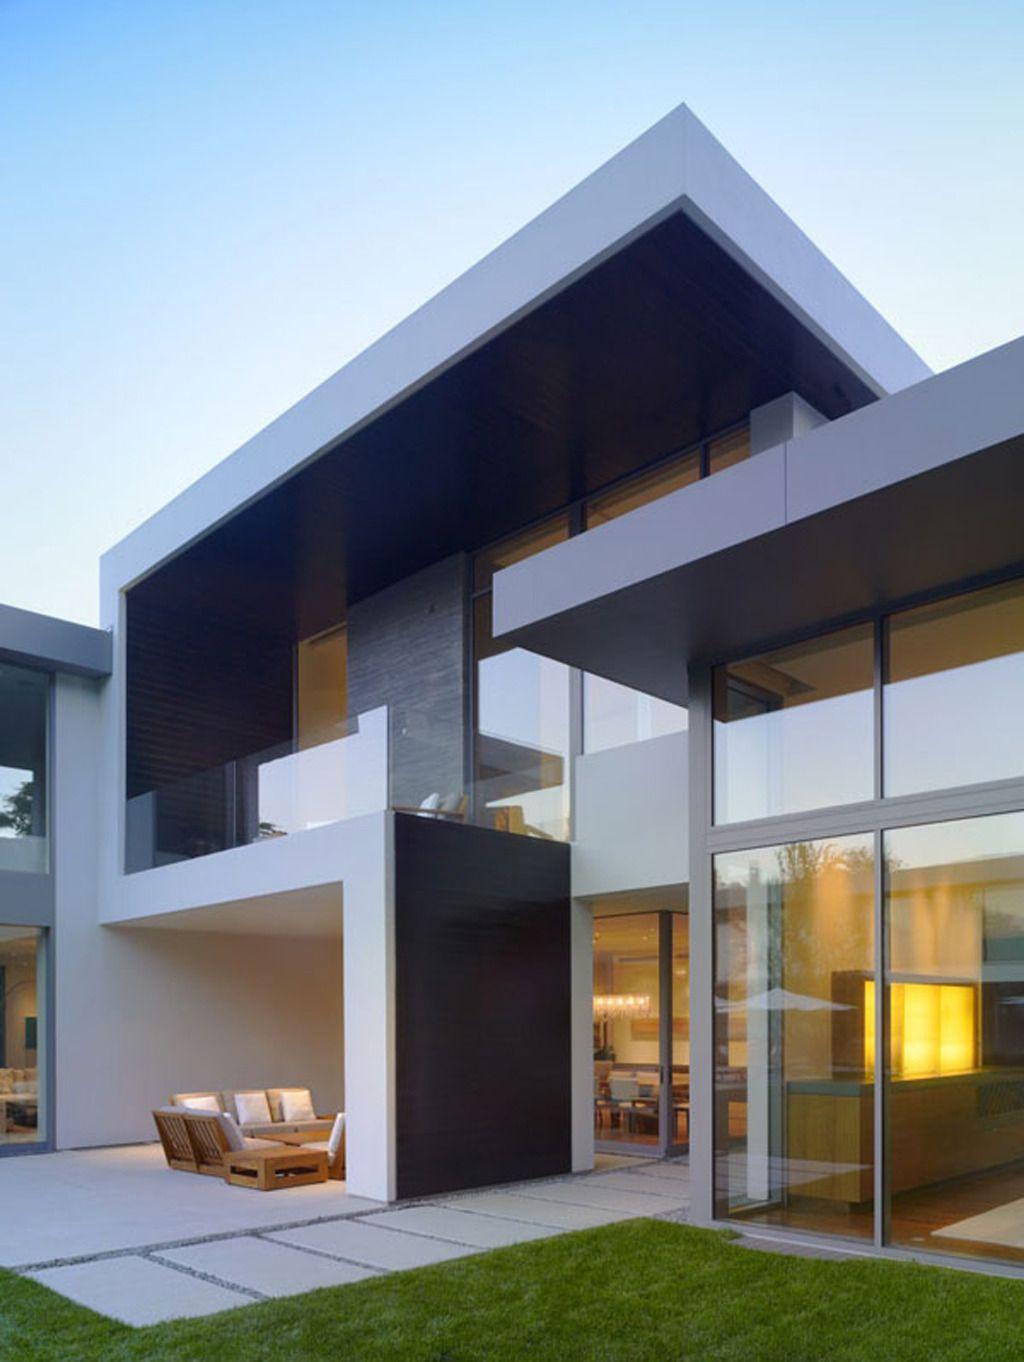 Minimalist Ultra Modern House Plans 2021 Arsitektur Rumah Desain Eksterior Rumah Desain Rumah Kontemporer